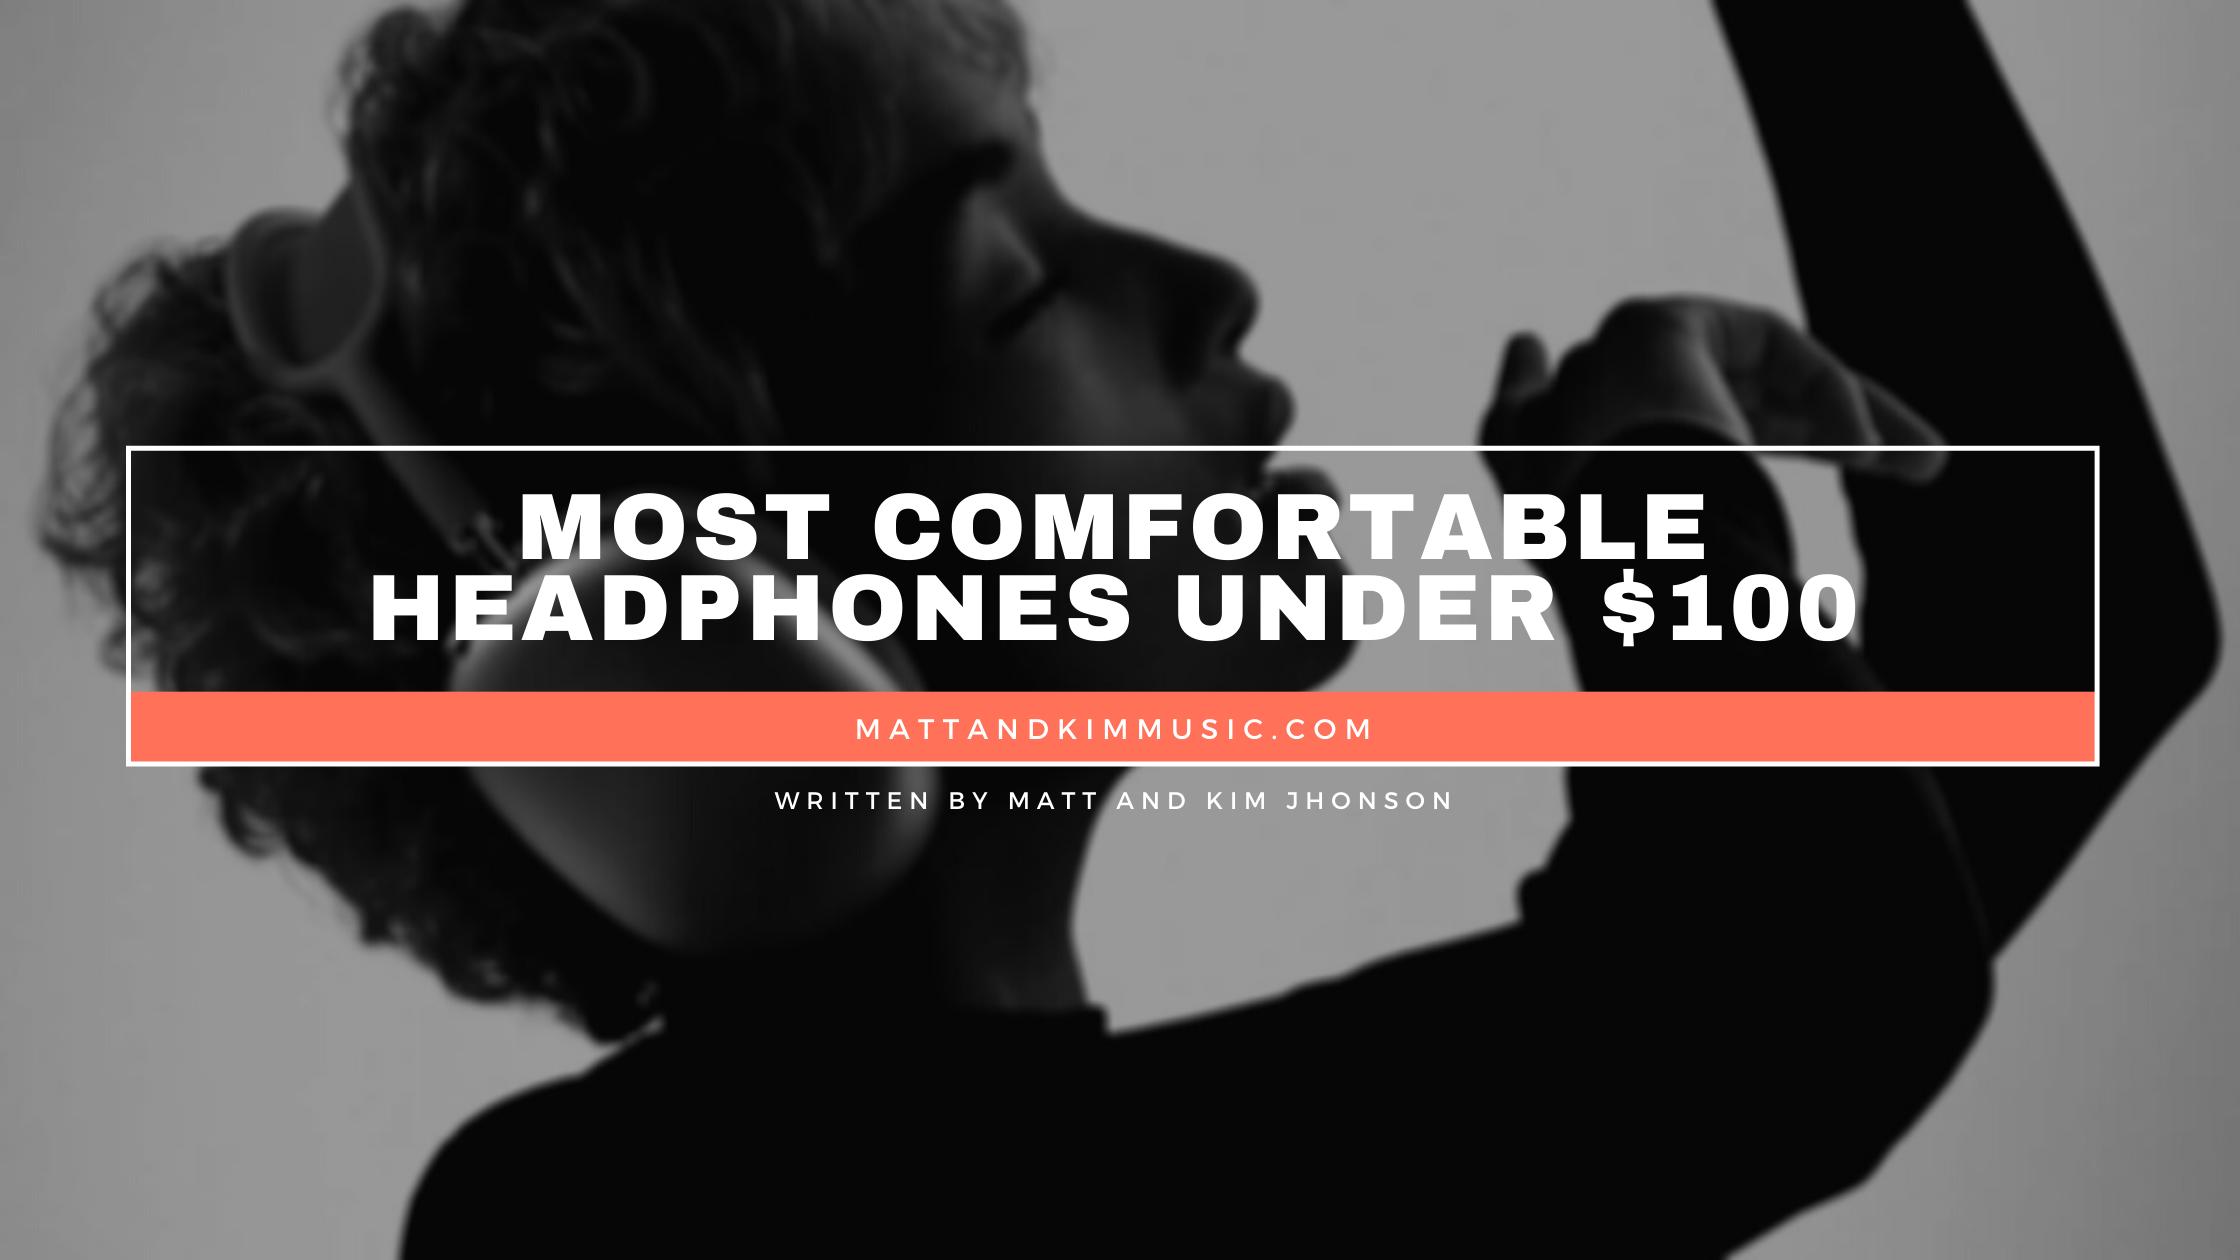 Most Comfortable Headphones Under $100